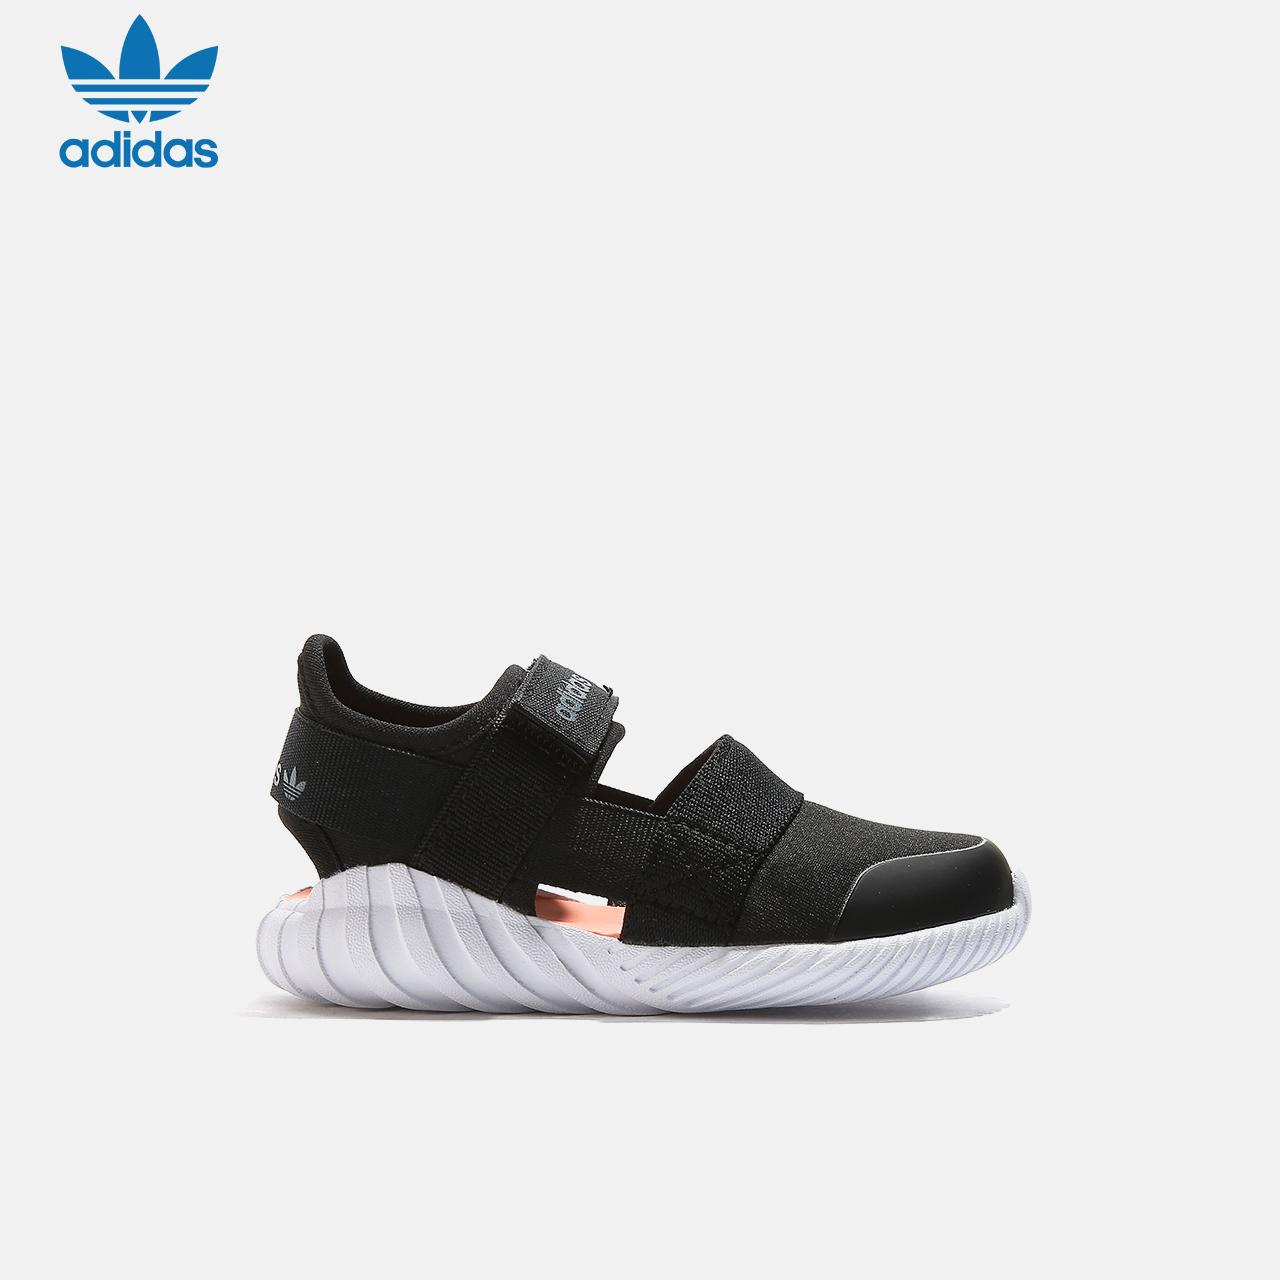 adidas阿迪达斯童鞋儿童运动鞋女童透气凉鞋婴童跑步鞋CG6600